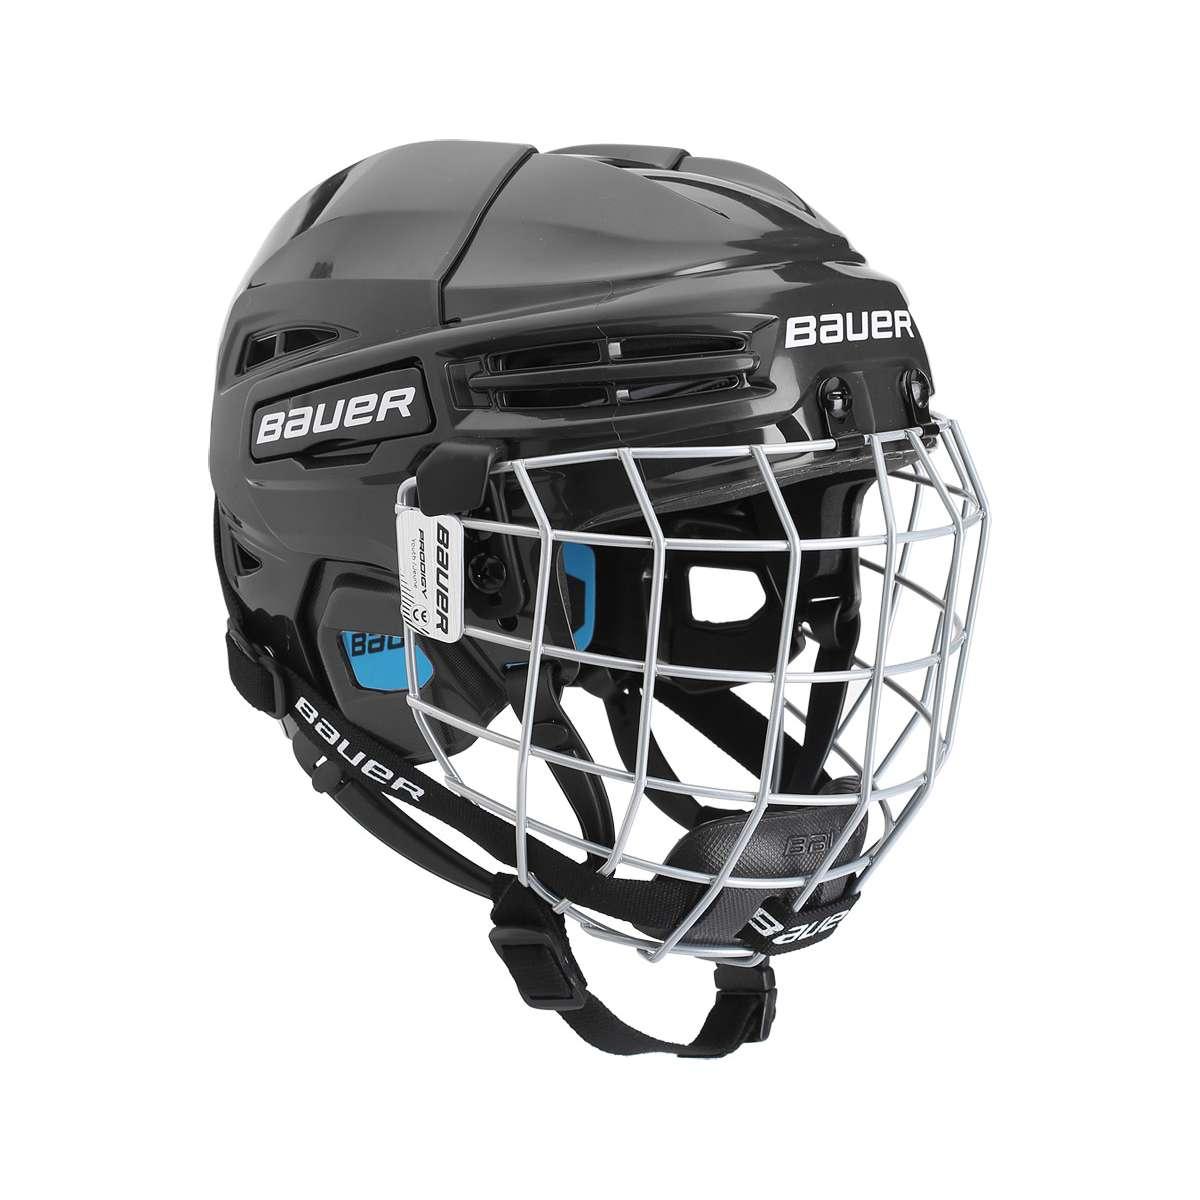 Detská helma Bauer Prodigy Yth - Sporthockey.sk fe893253b5